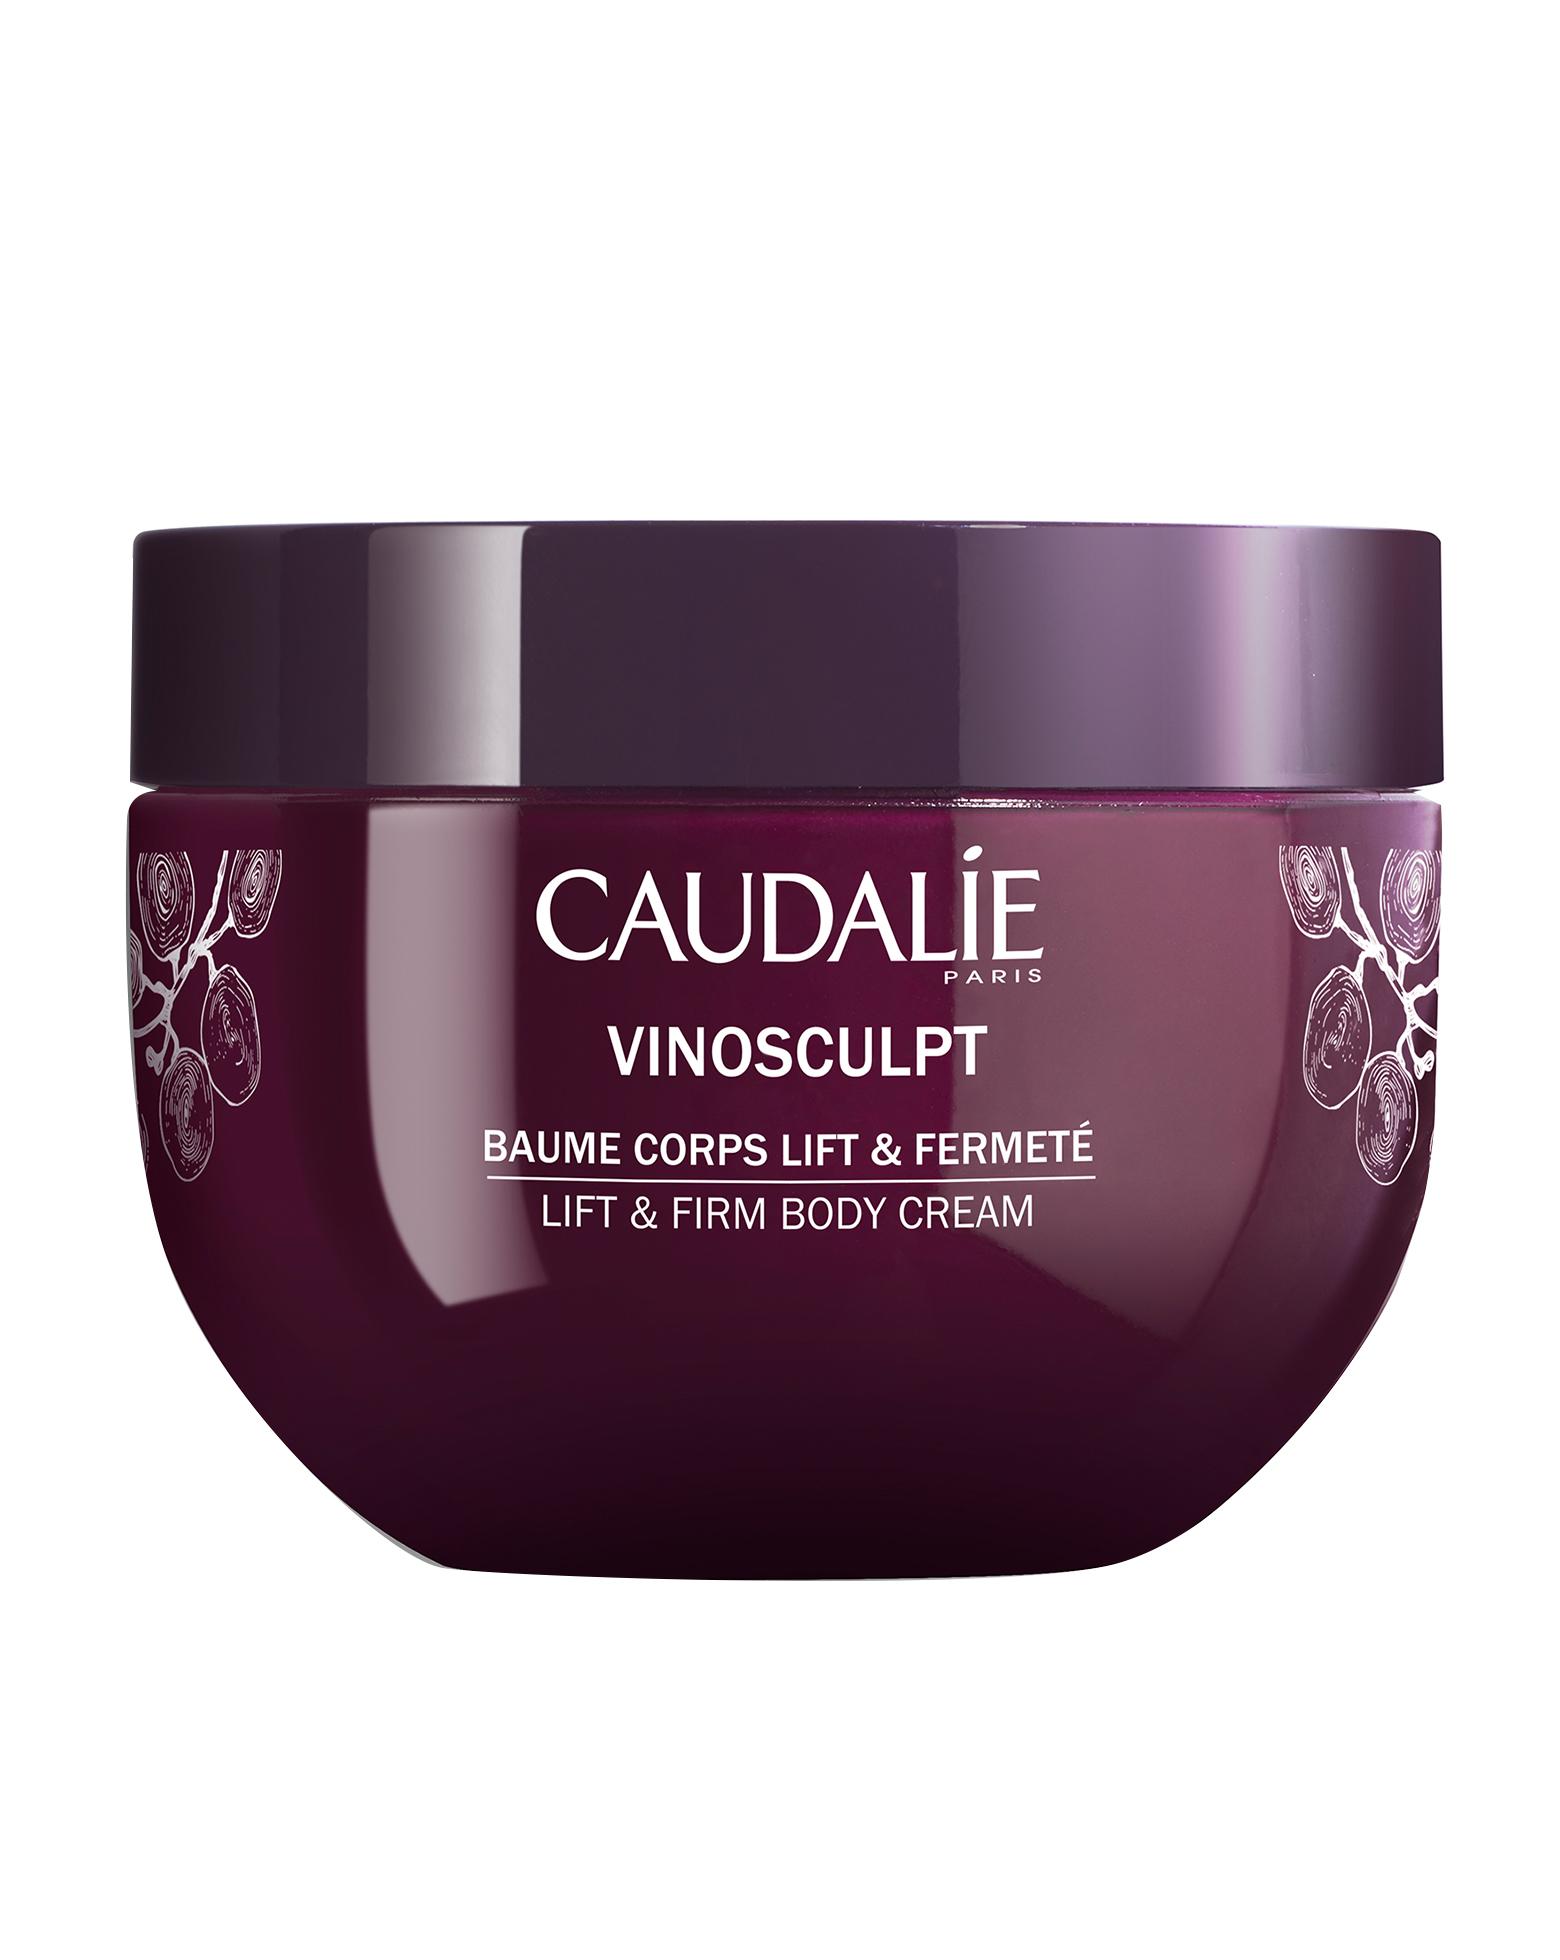 Caudalie - Vinosculpt Lift & Firm Body Cream 250 ml